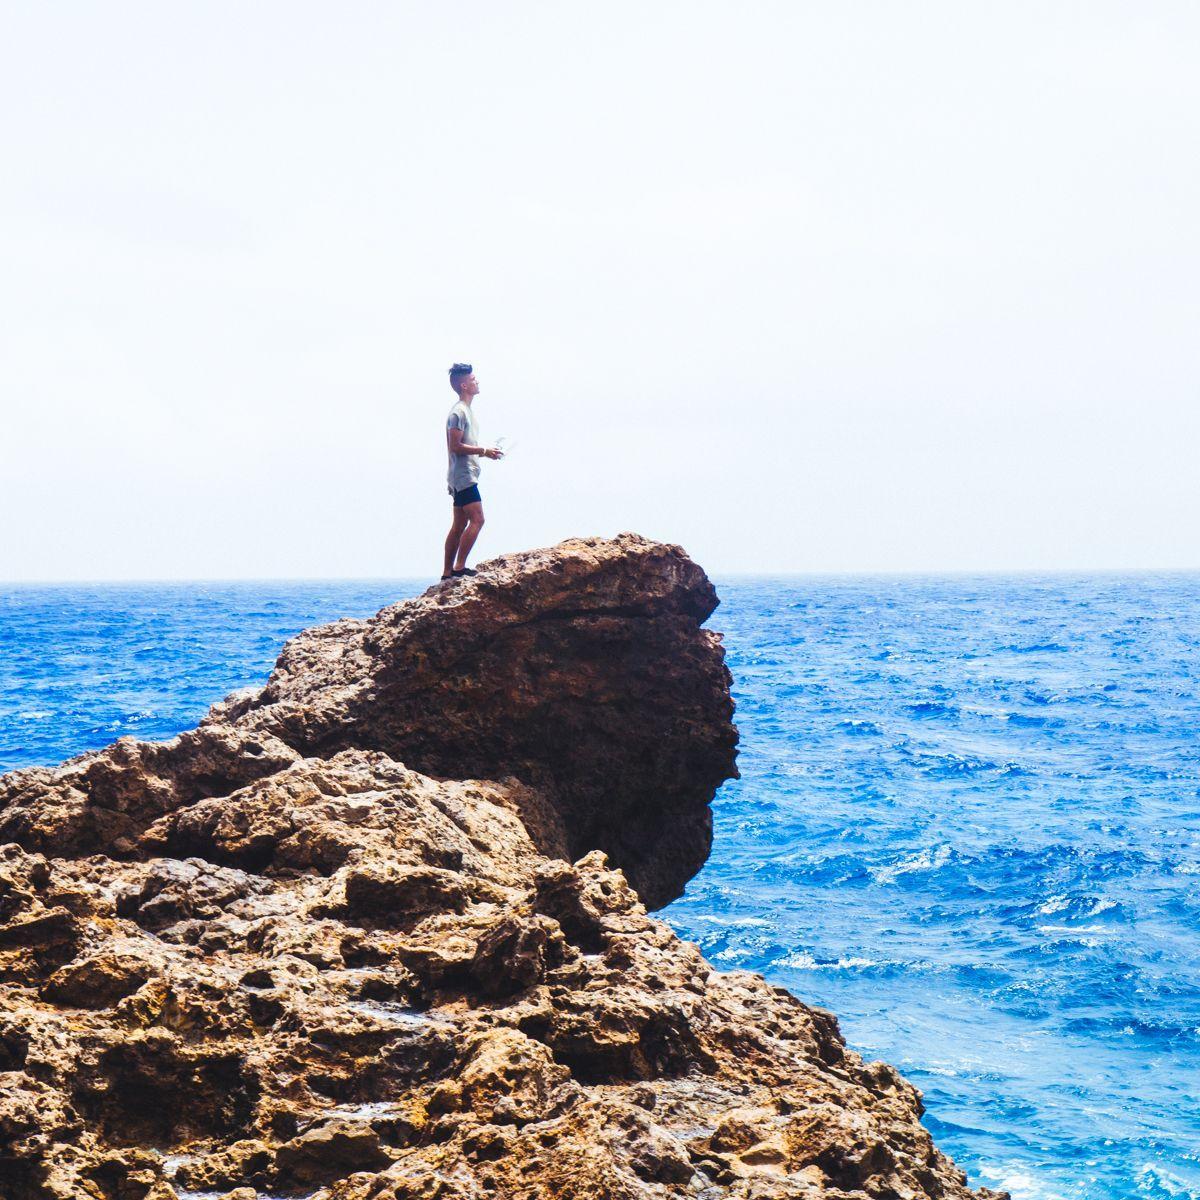 Maujl propone la lista de excursiones más recomendadas para descubrir la impresionante Aruba desde el Barceló Aruba